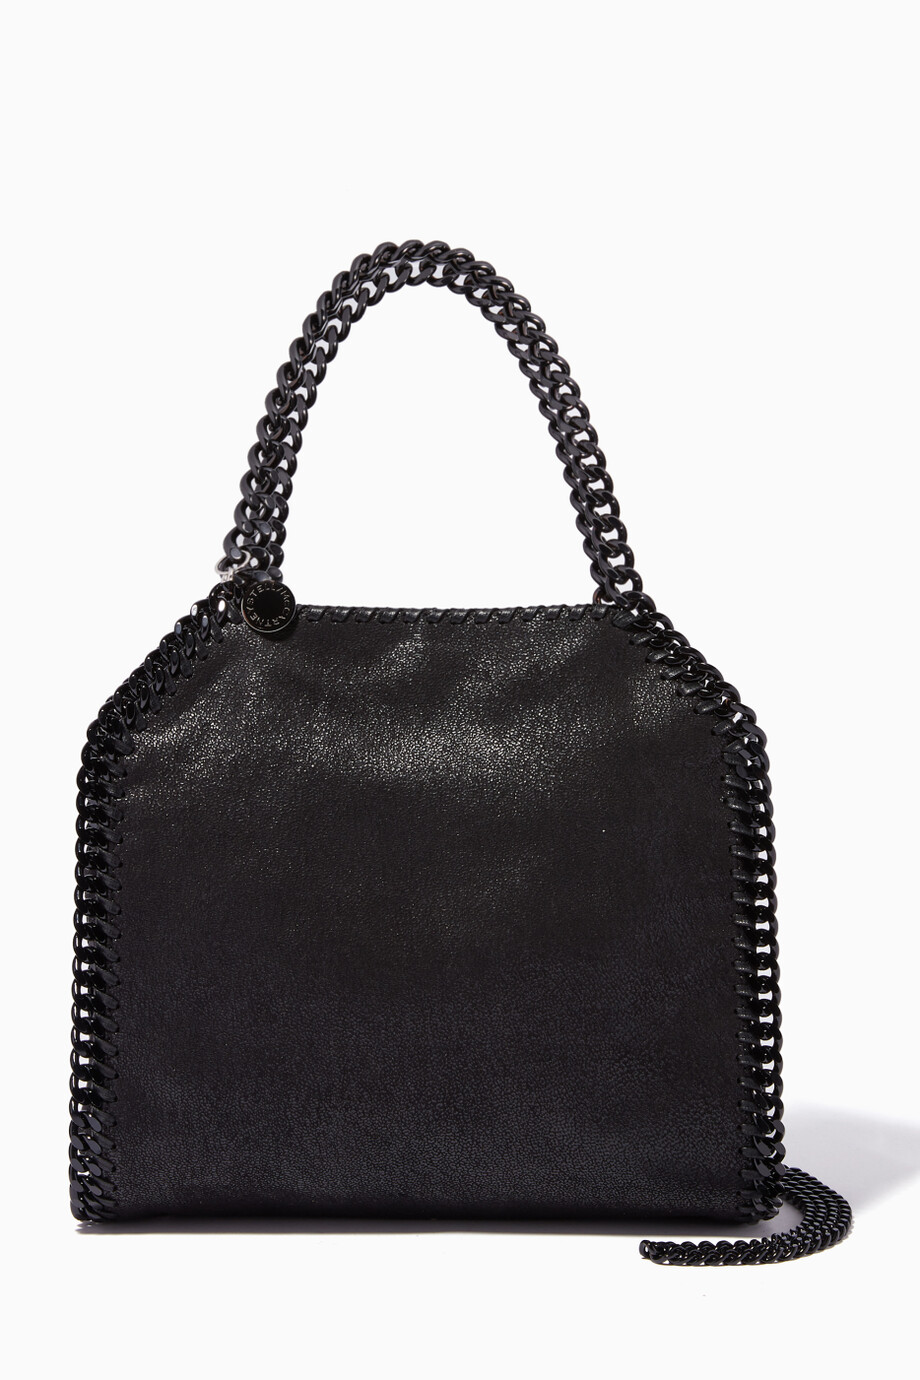 f3a8f610b35ac Shop Stella McCartney Black Black Falabella Shaggy Deer Mini ...